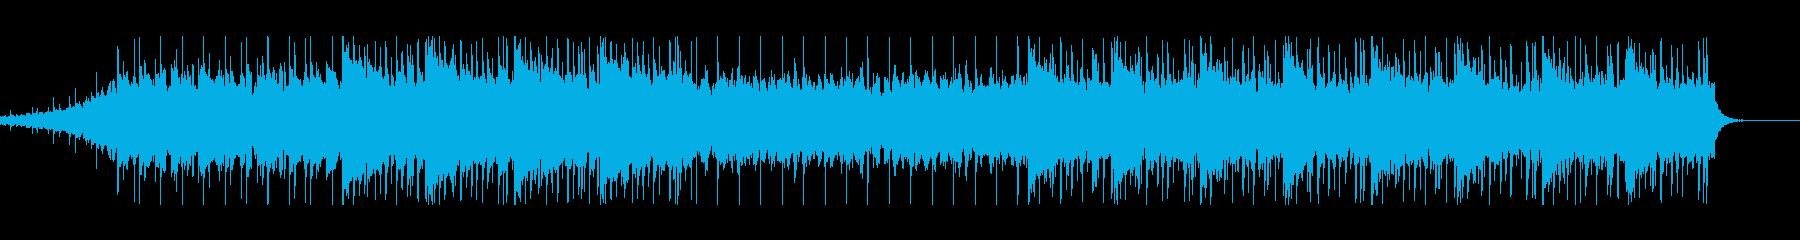 少し儚いローファイエンディングですの再生済みの波形